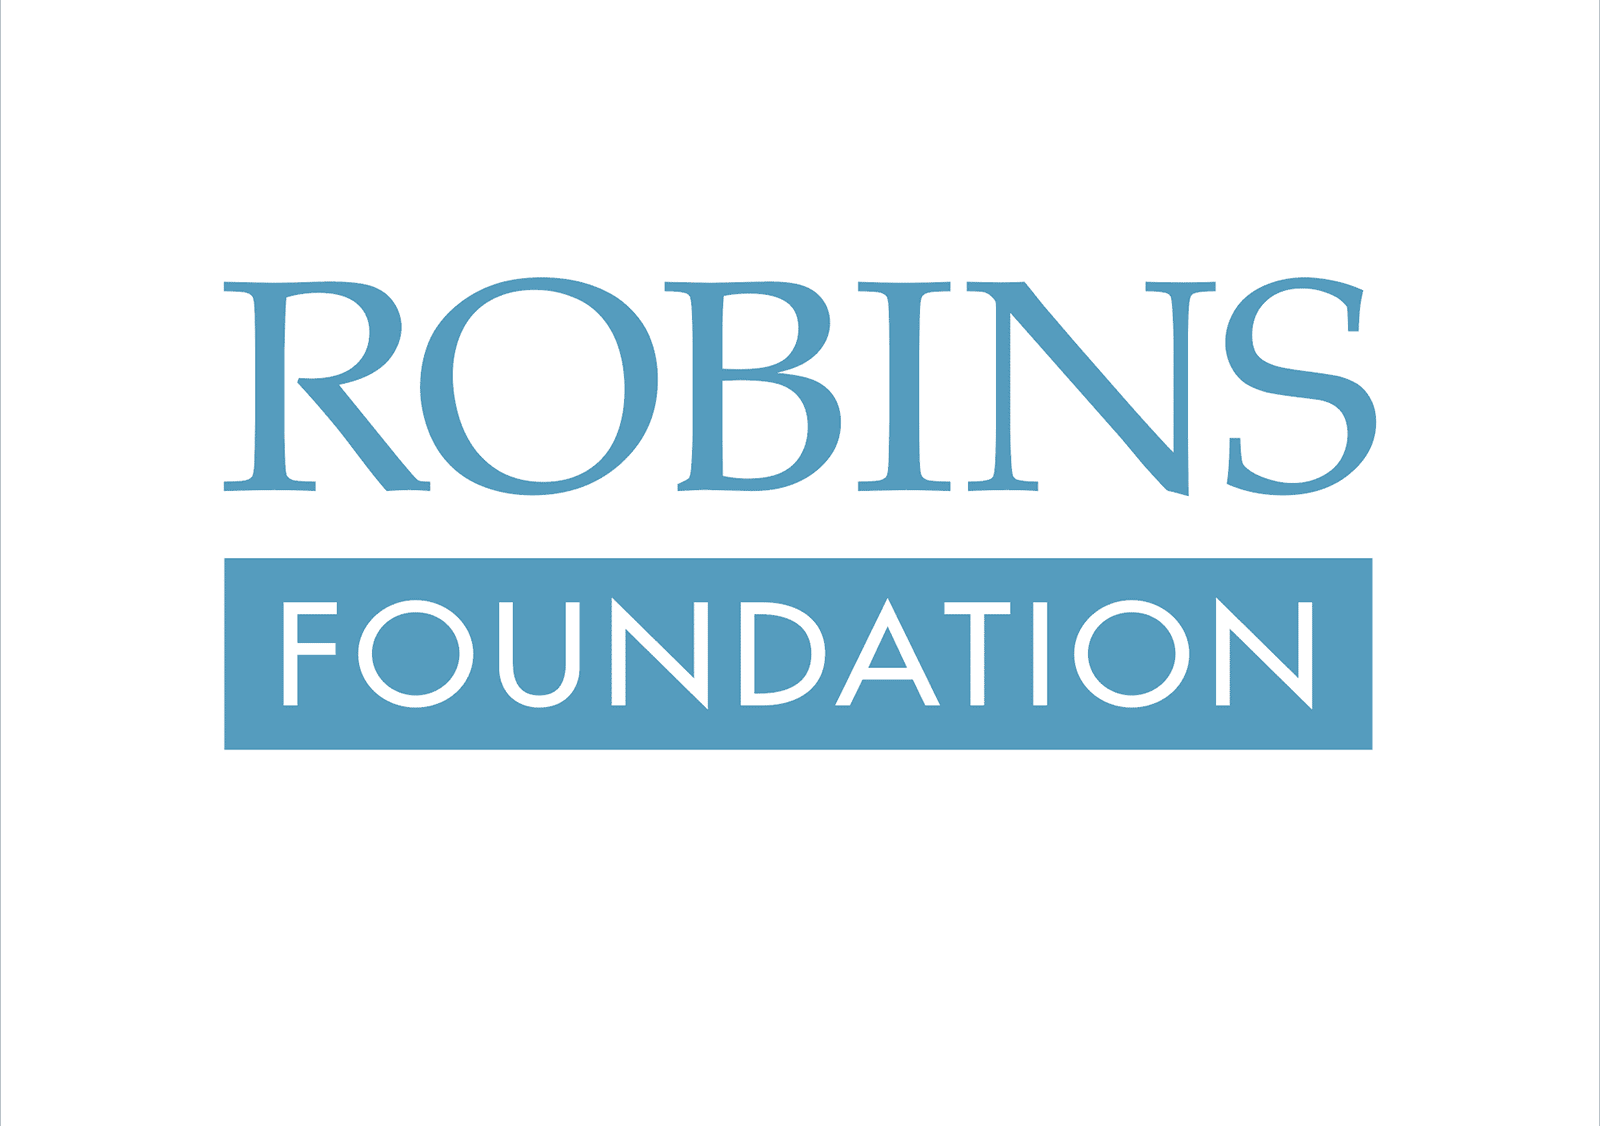 Robins Foundation logo